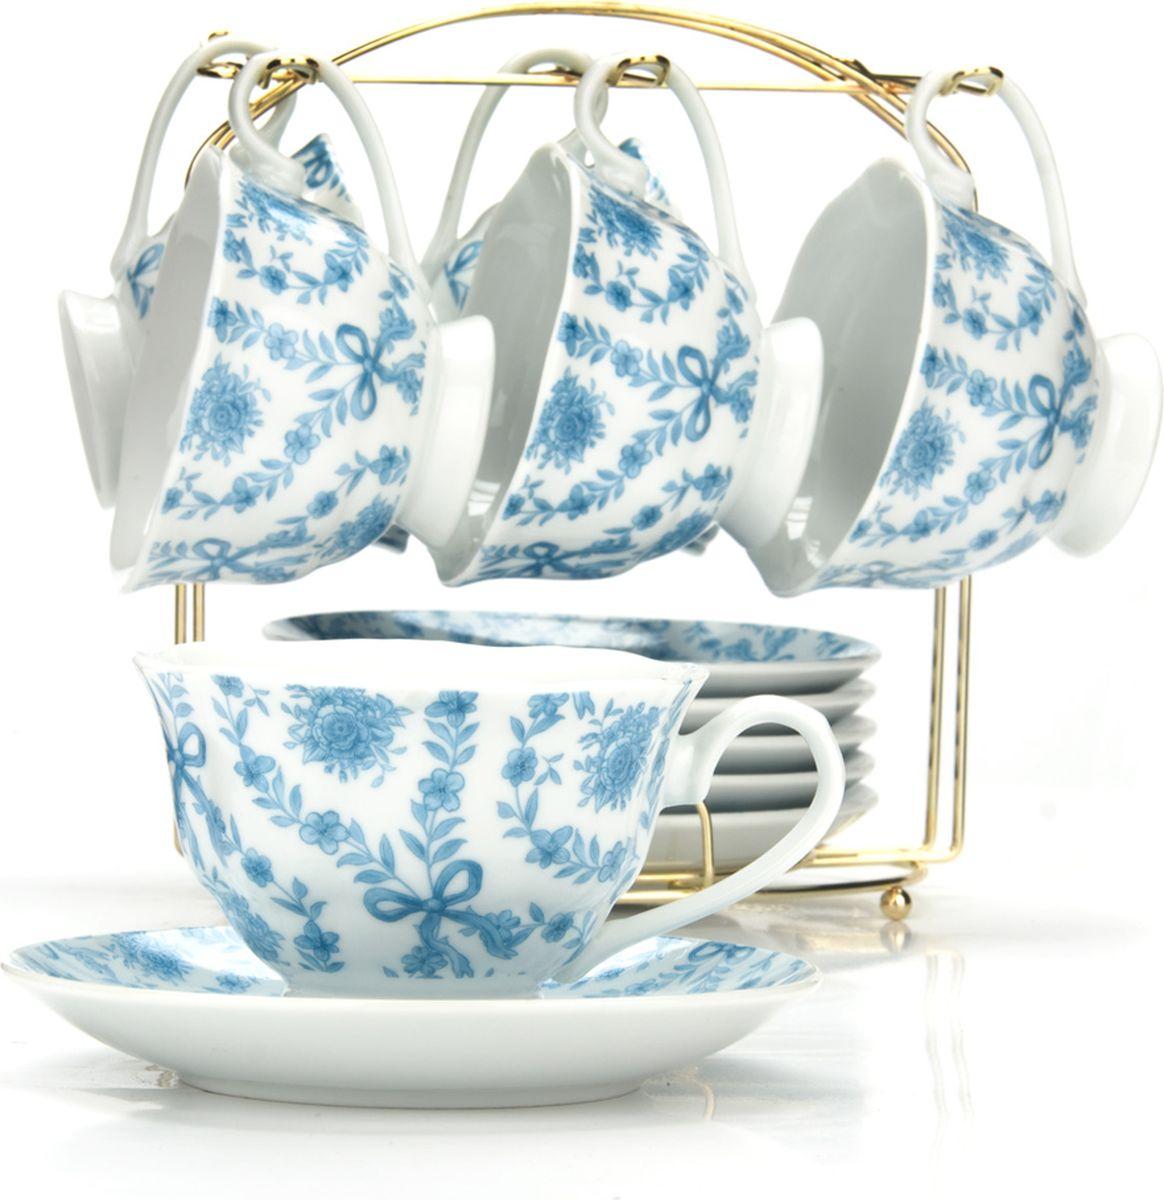 Сервиз чайный Loraine, на подставке, 13 предметов. 43294 сервиз чайный loraine на подставке 13 предметов 43294